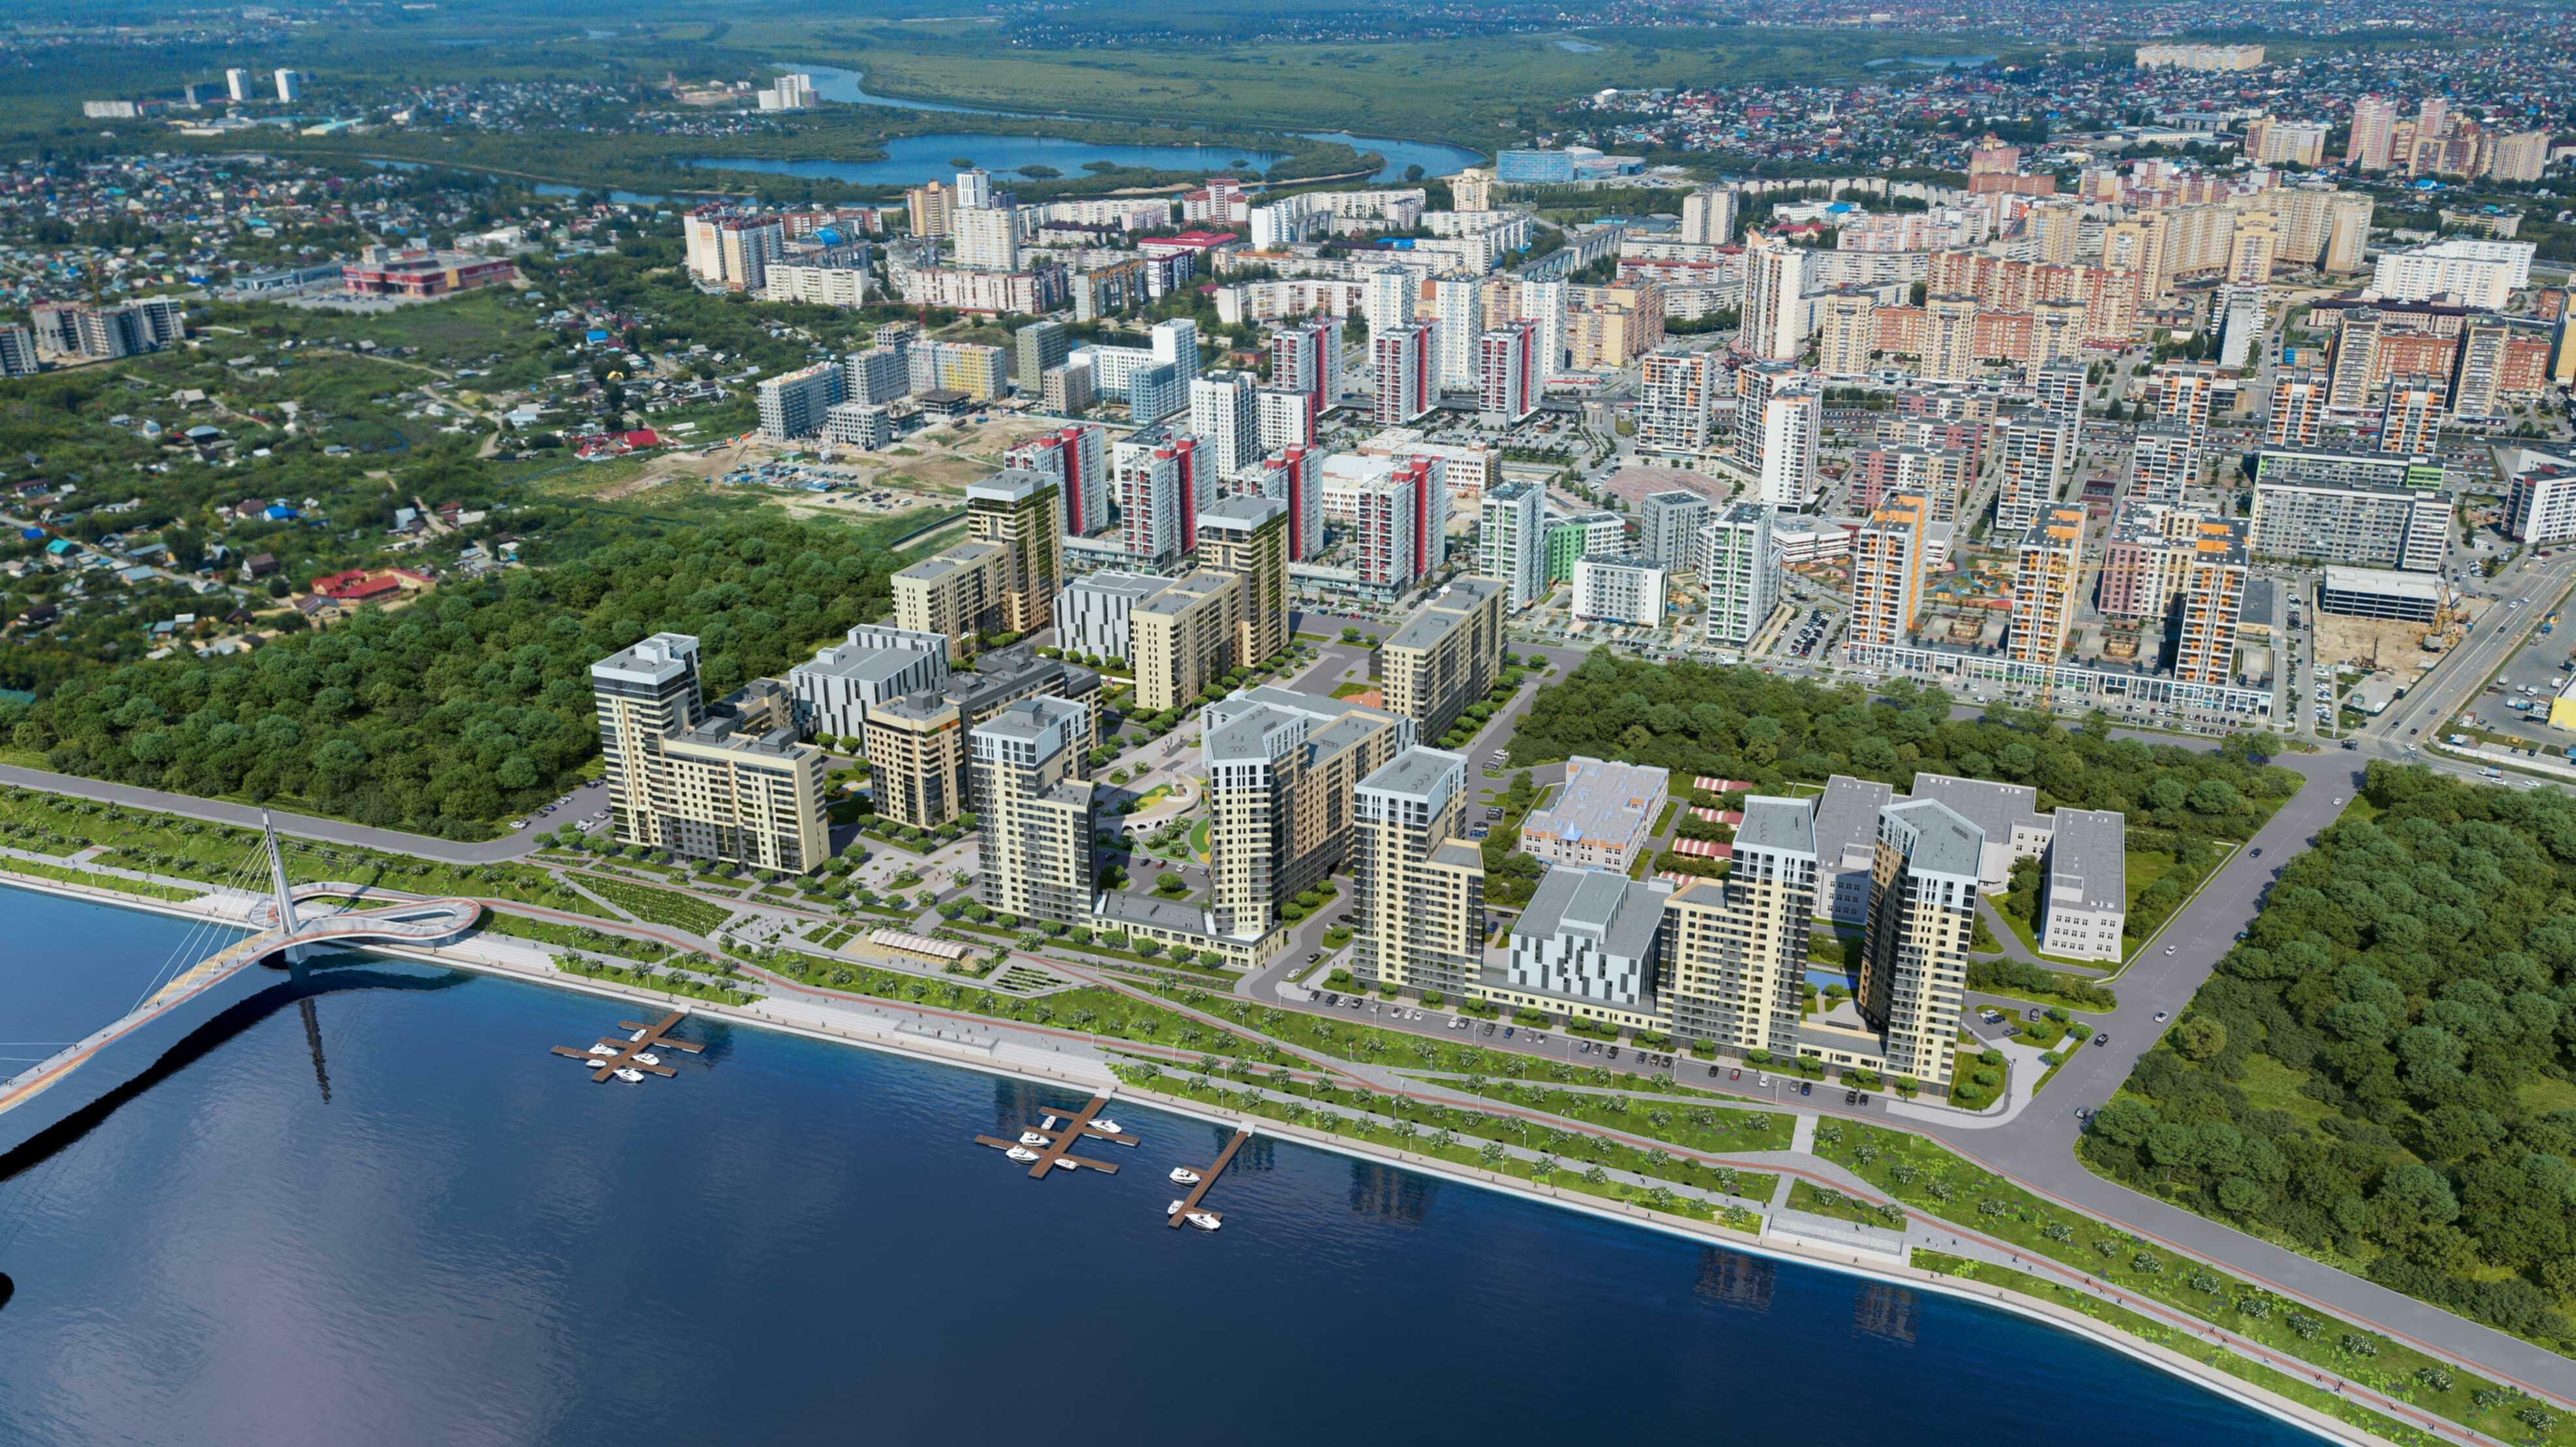 Скидка почти в миллион рублей на квартиры в новом жилом комплексе!